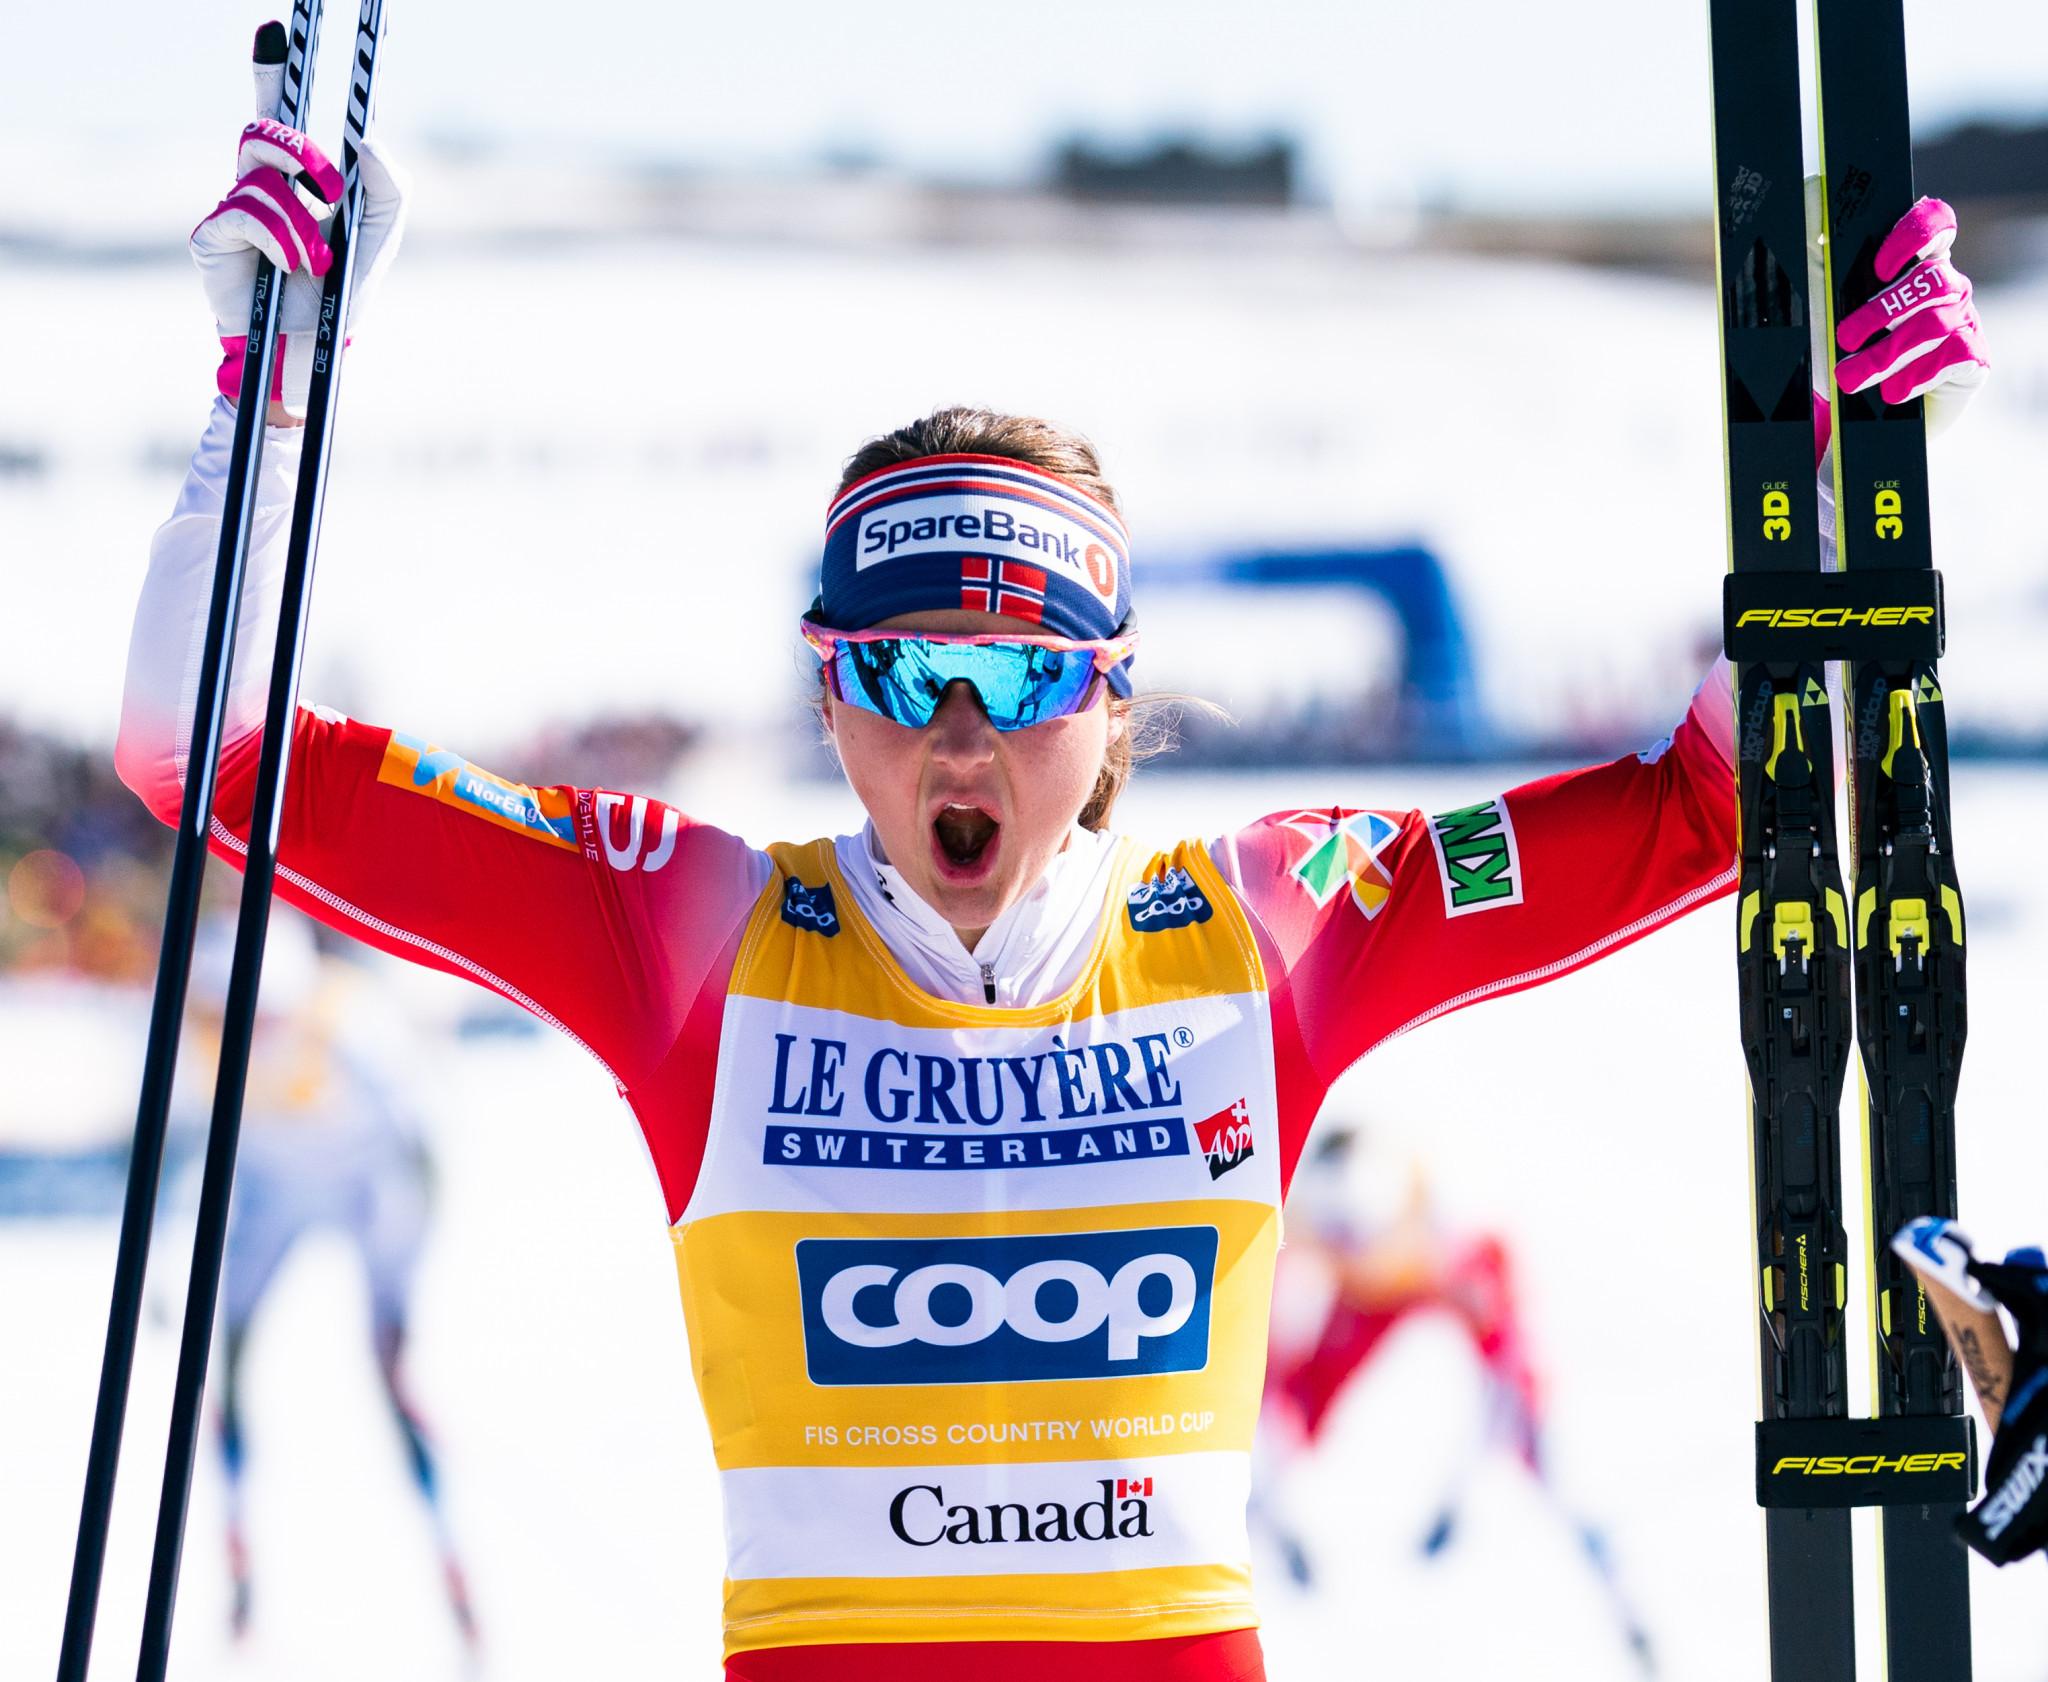 Østberg tops podium of fourth stage of Tour de Ski